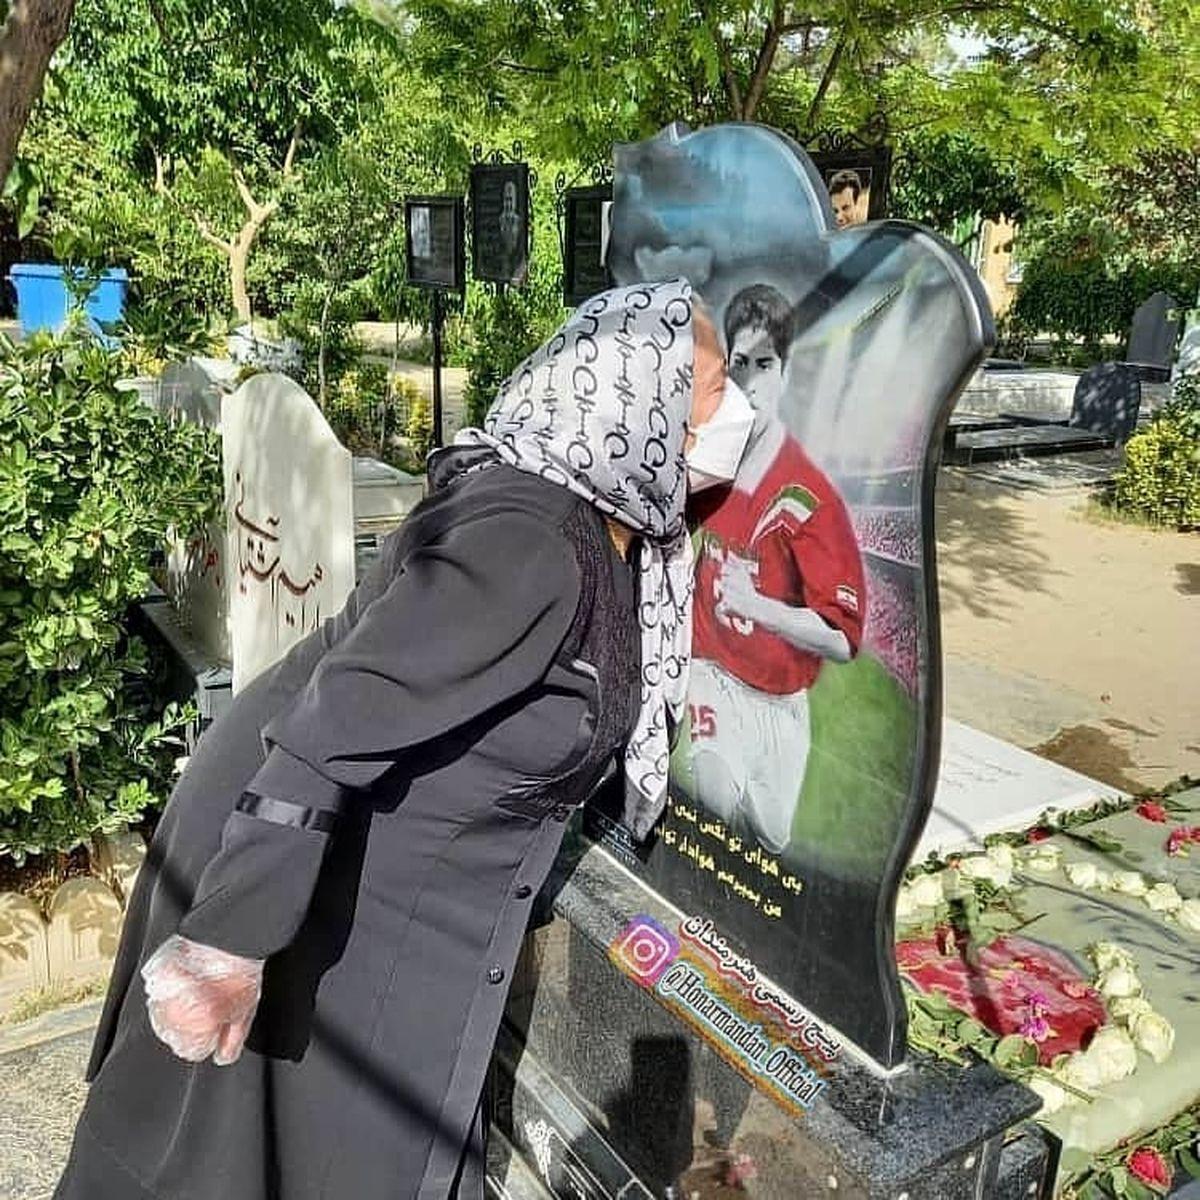 عکسی غم انگیز از بوسه مادر مهرداد میناوند بر سنگ مزار پسرش